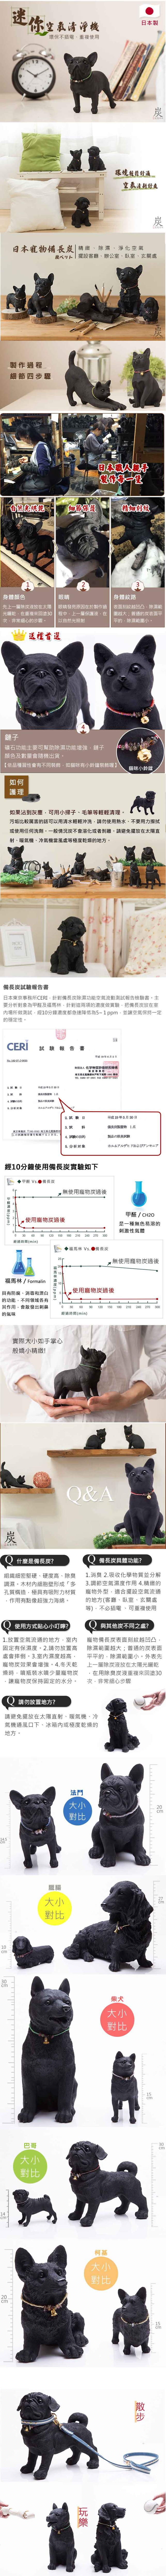 土山炭製作所│紀州備長炭寵物藝術裝飾 - 兔子(XS)